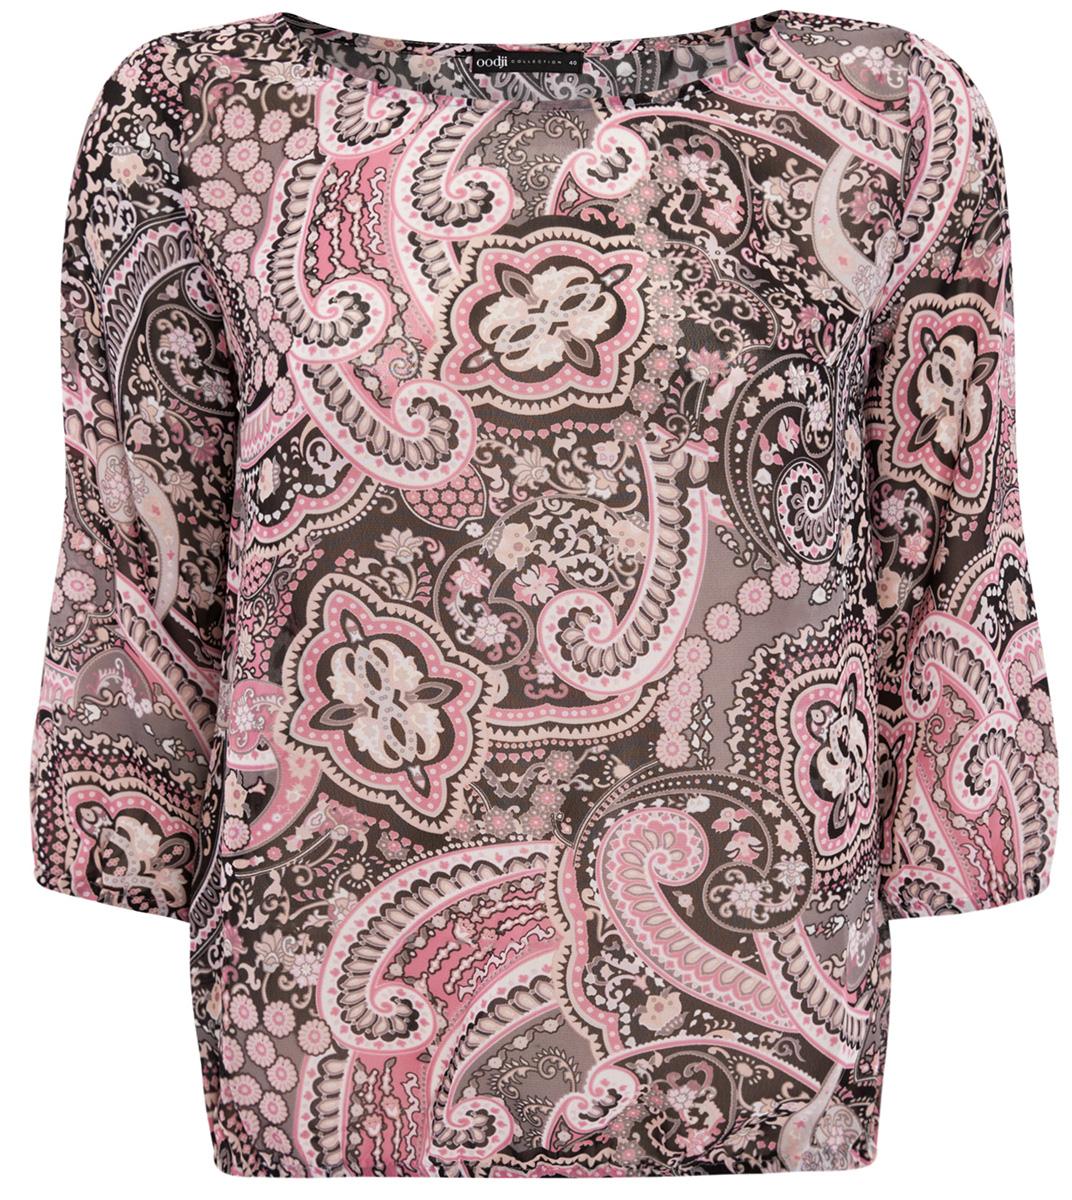 Блузка женская oodji Collection, цвет: серый, черный, розовый. 21404007/15018/2341E. Размер 44-170 (50-170) блузка женская oodji collection цвет серый черный розовый 21404007 15018 2341e размер 44 170 50 170